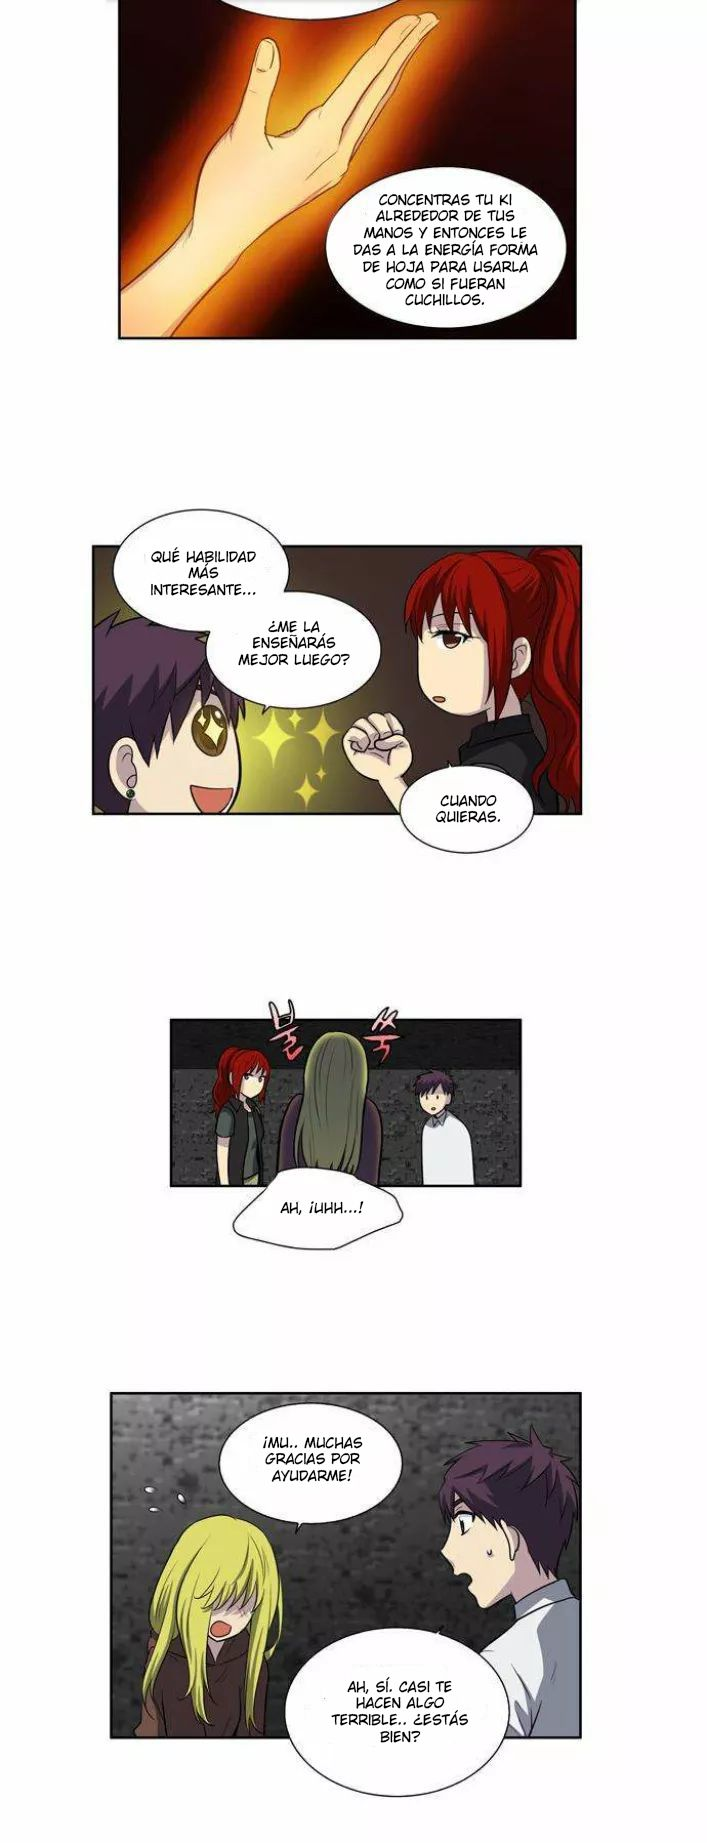 http://c5.ninemanga.com/es_manga/61/1725/484924/bf3b5249e6b175f68314ebf929555fa4.jpg Page 9